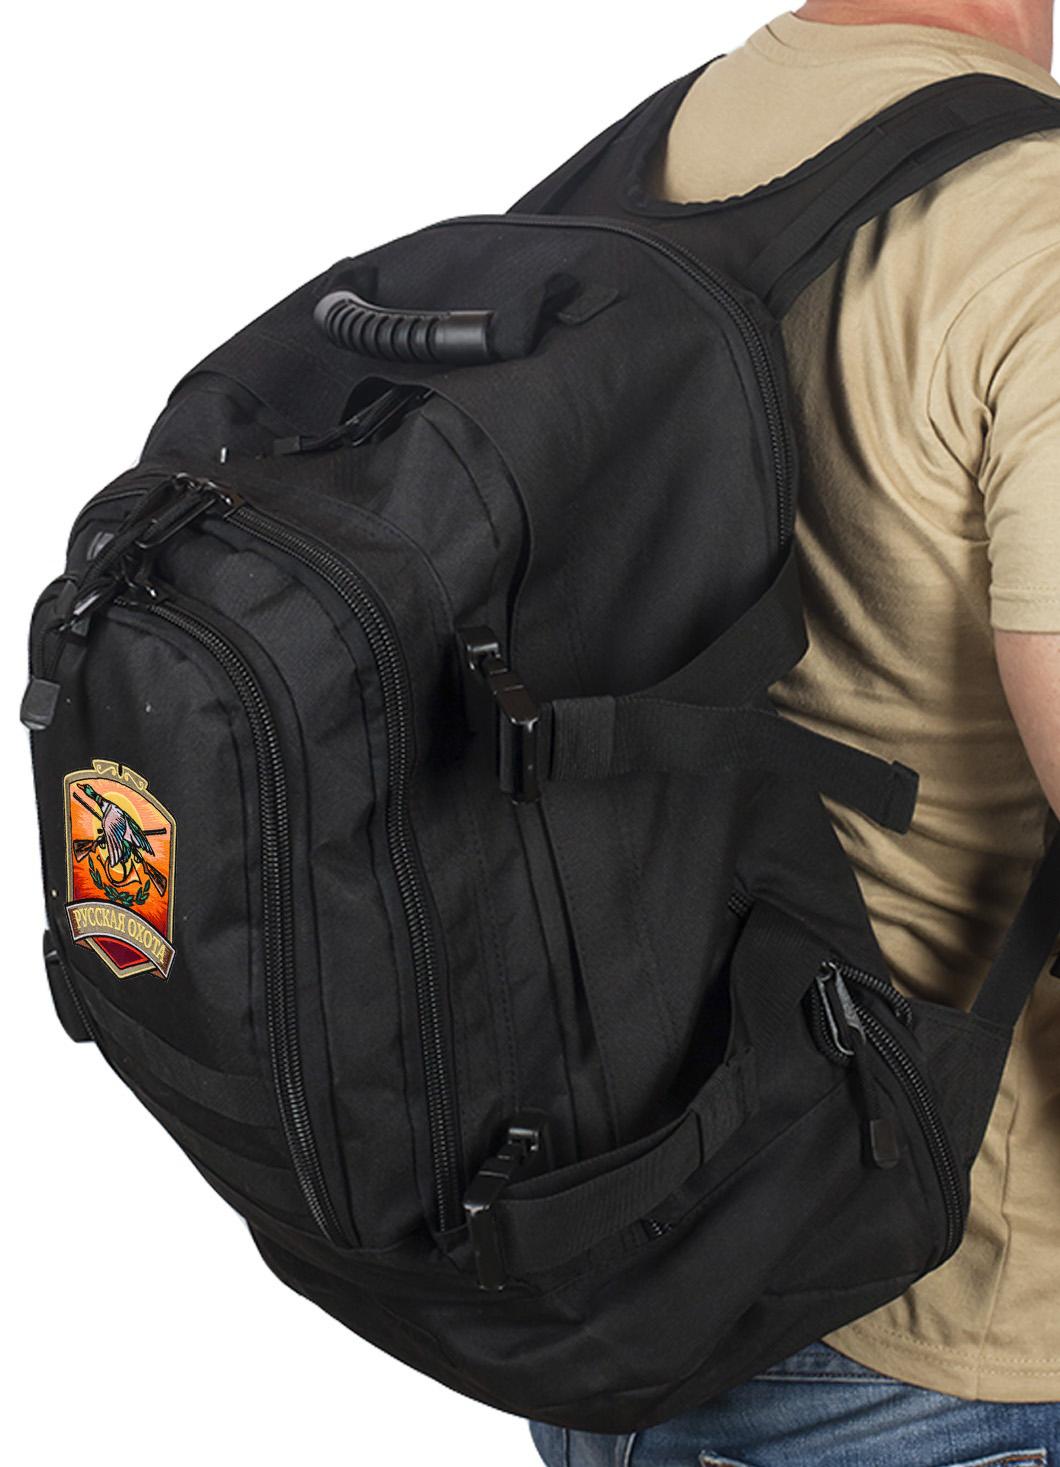 Универсальный охотничий рюкзак с нашивкой Русская Охота